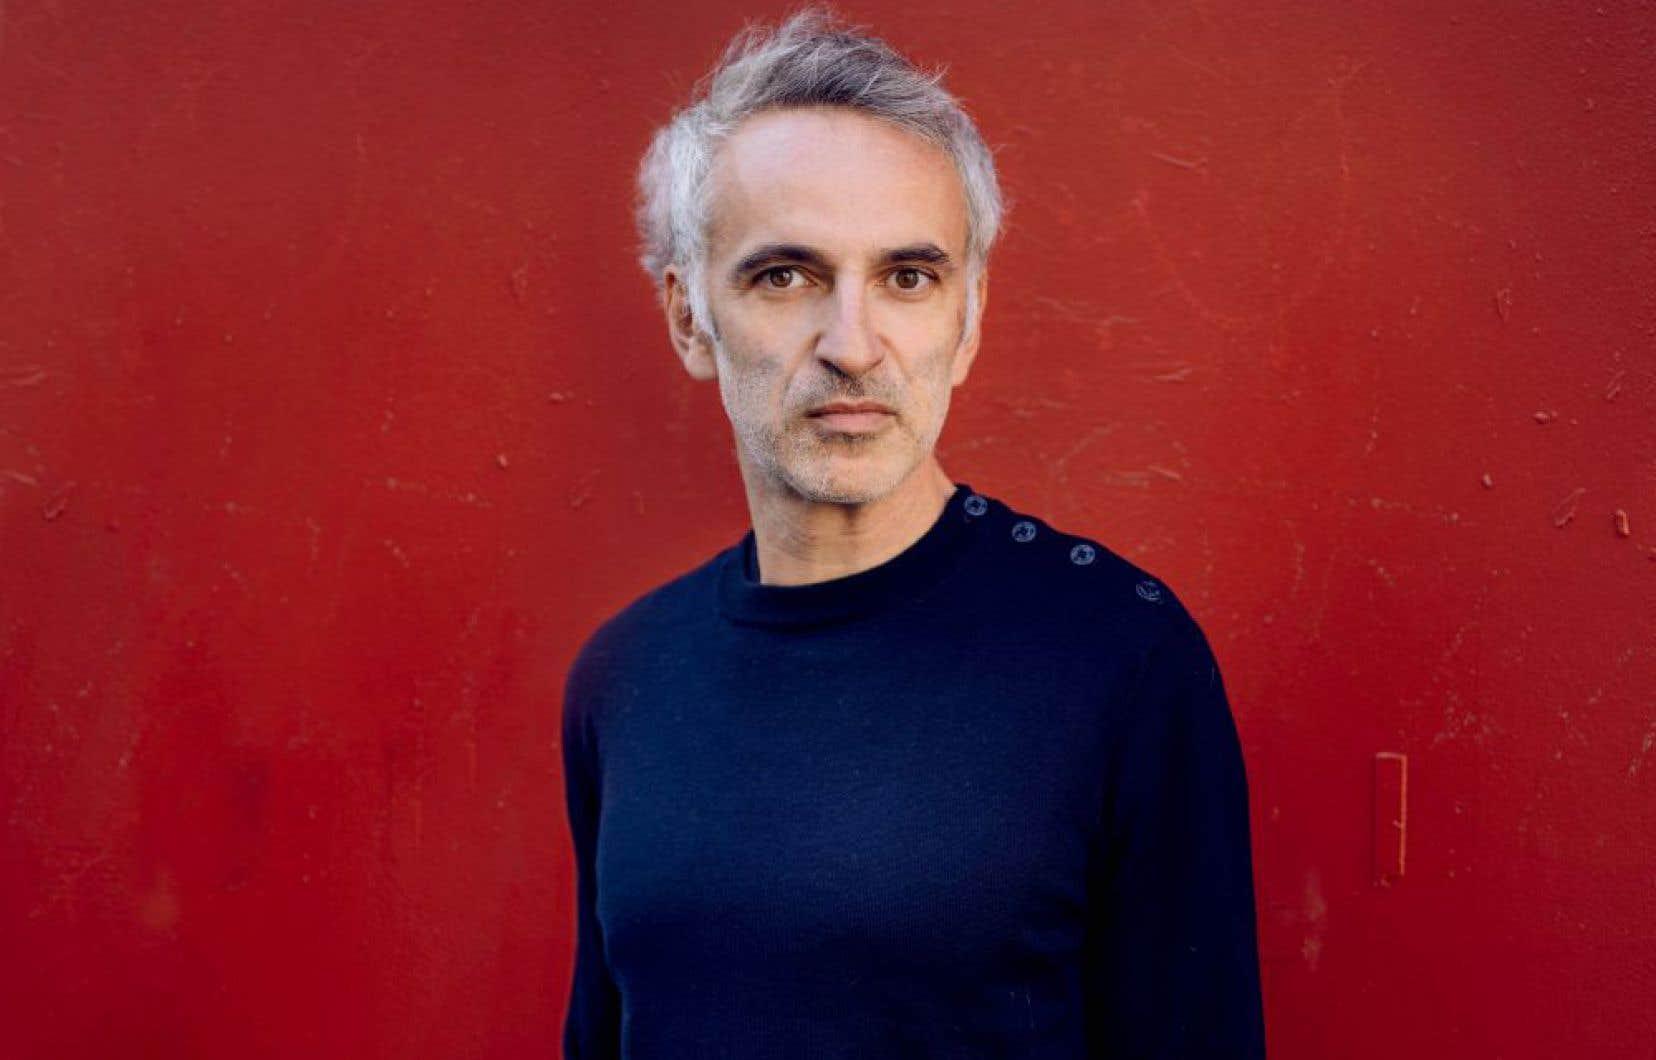 Pour son album «Panorama», l'auteur-compositeur-interprète Vincent Delerm a réuni des réalisateurs familiers comme des réalisateurs étrangers, auquel il n'a fourni qu'une mélodie chantonnée en guise d'inspiration.